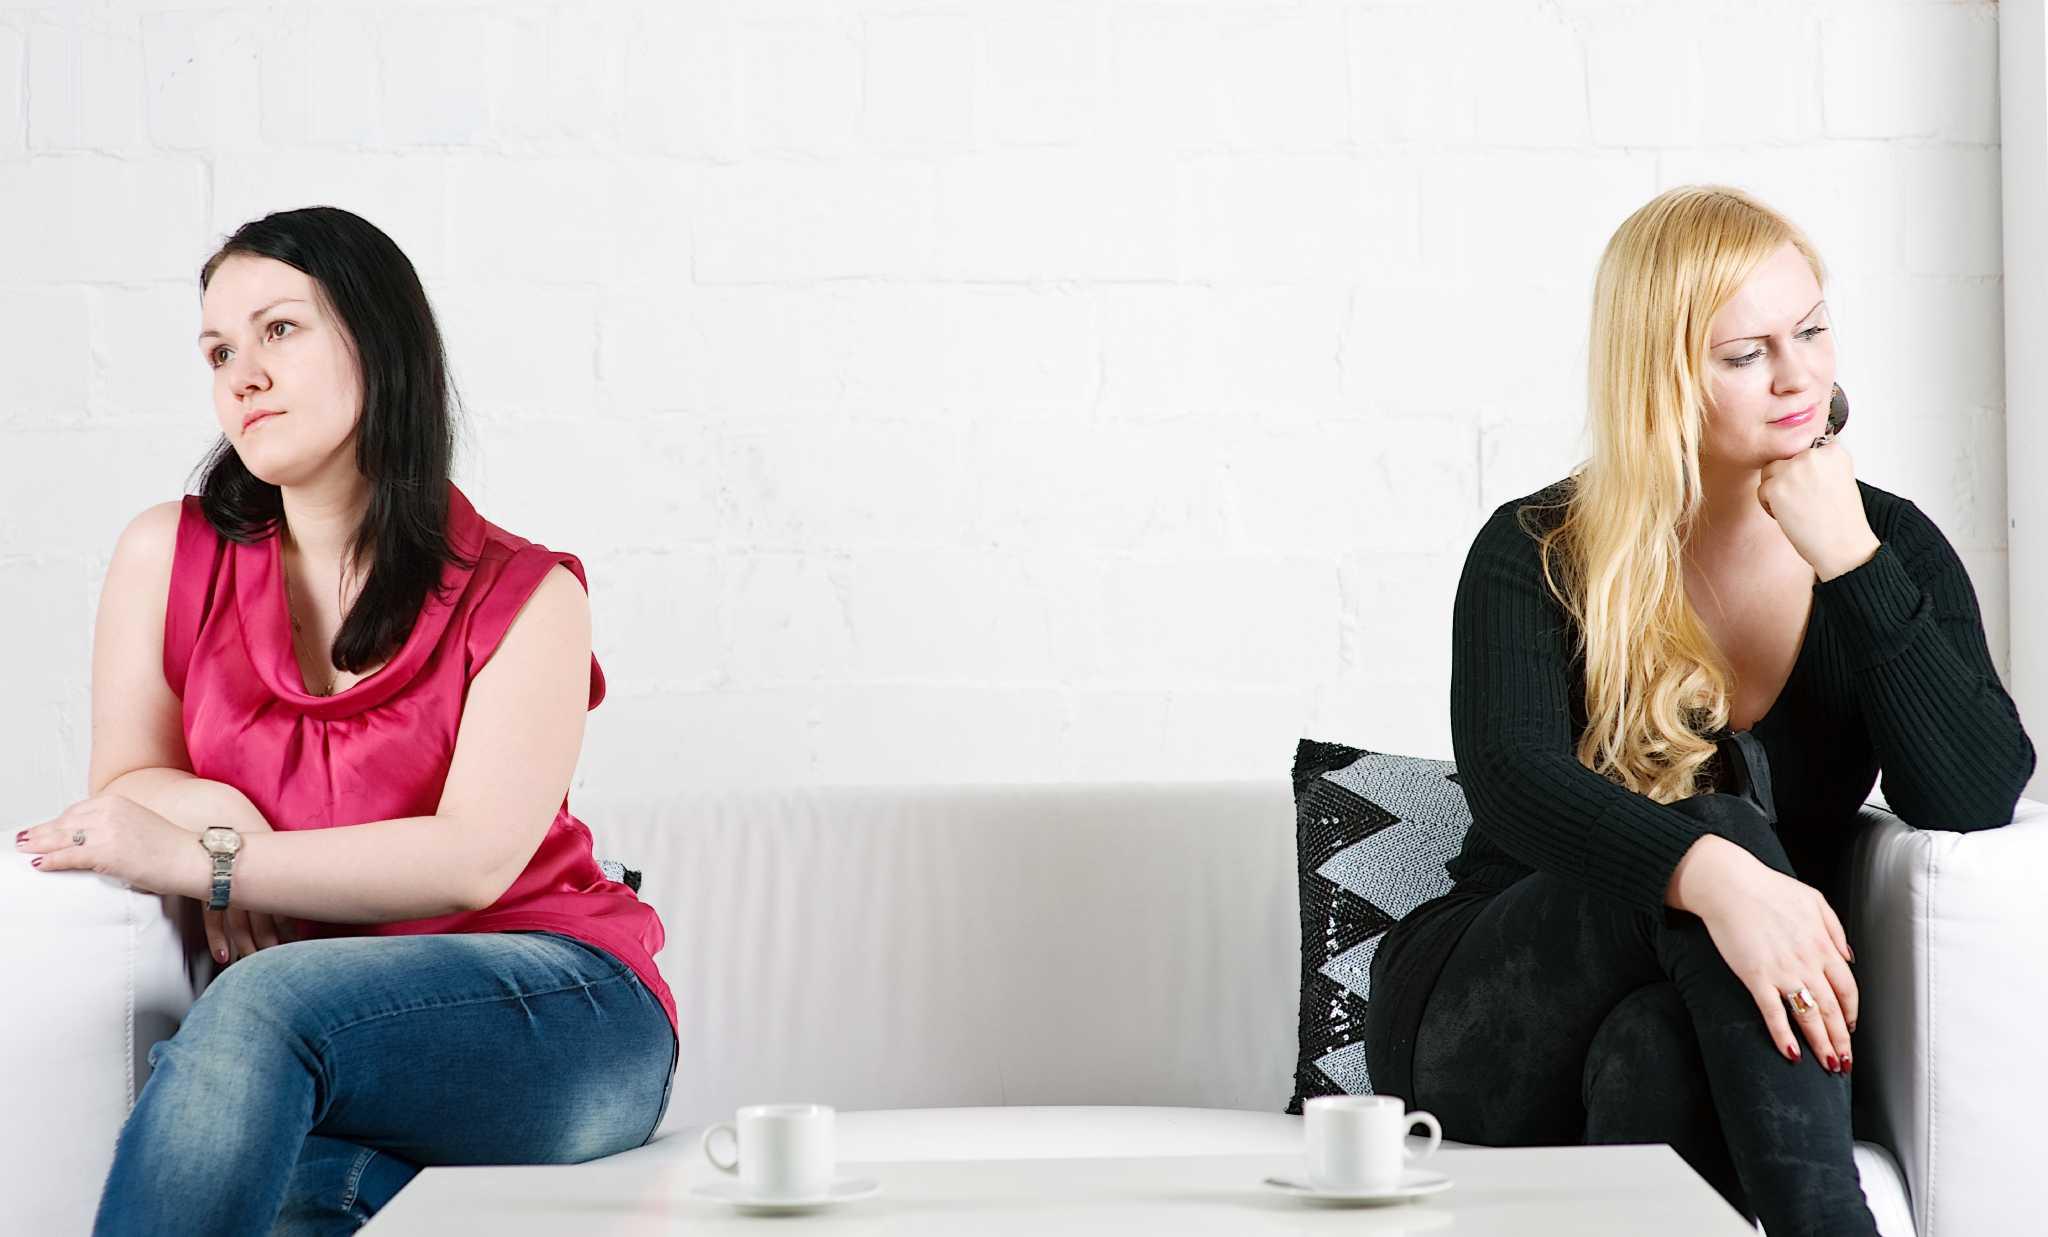 С двумя женщинами фото 13 фотография